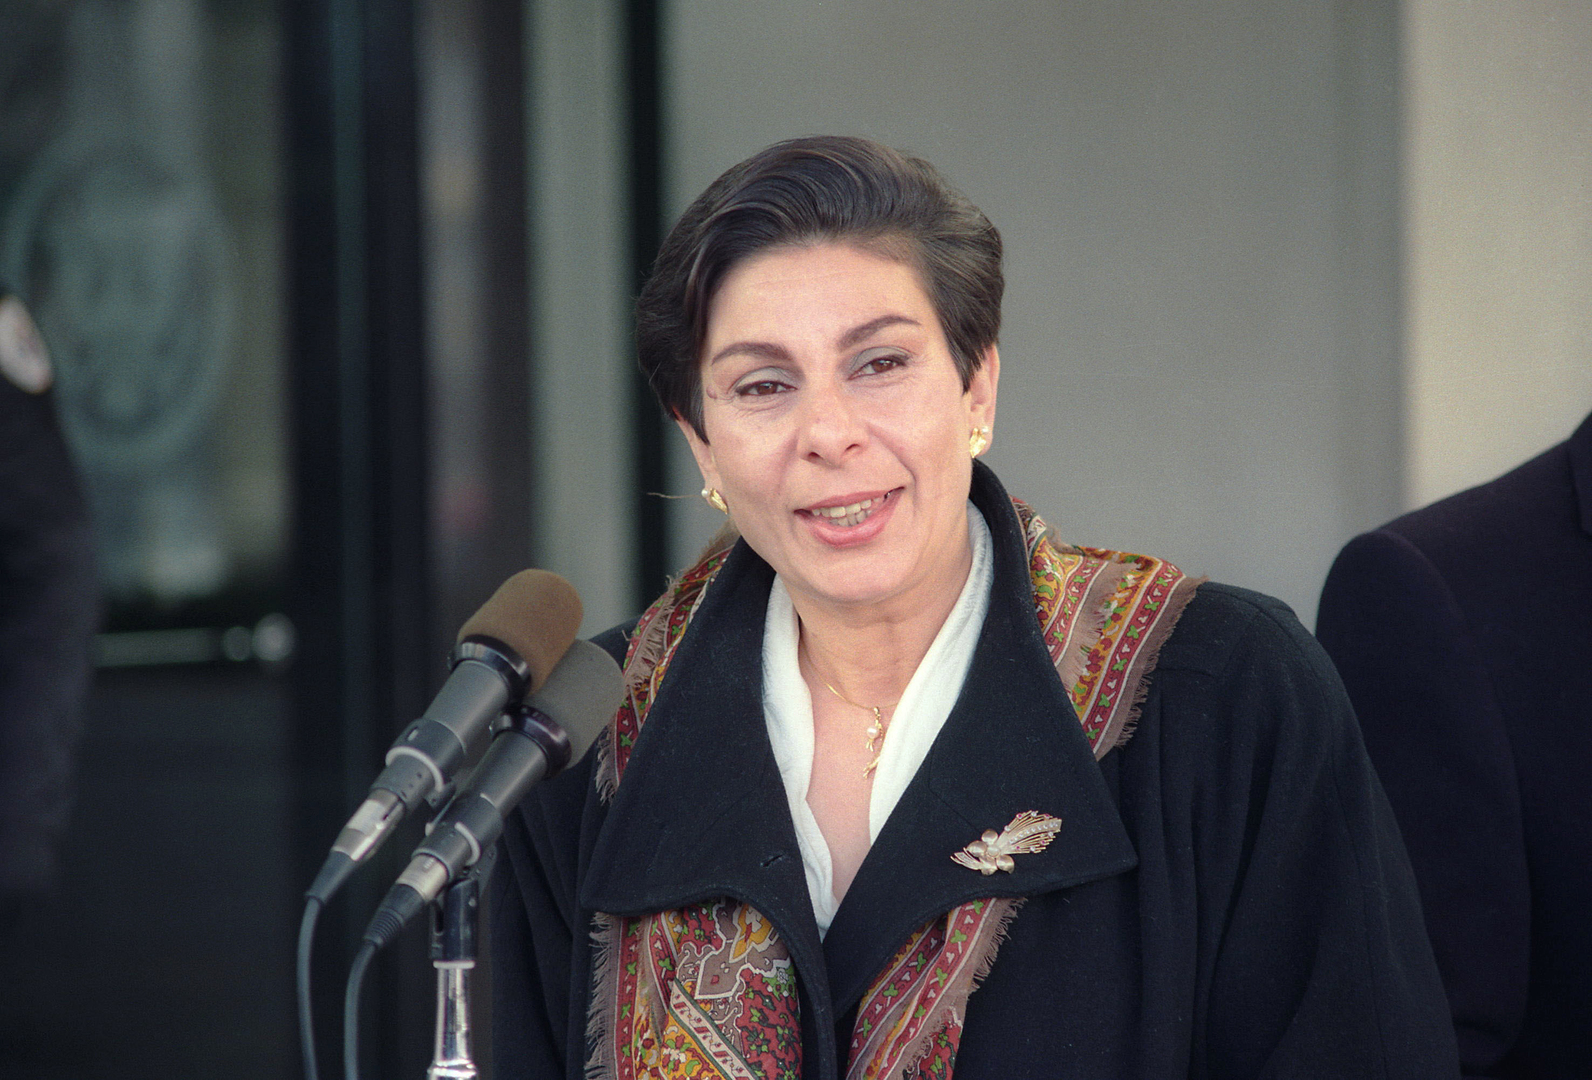 عضو اللجنة التنفيذية لمنظمة التحرير الفلسطينية المستقيلة حنان عشراوي